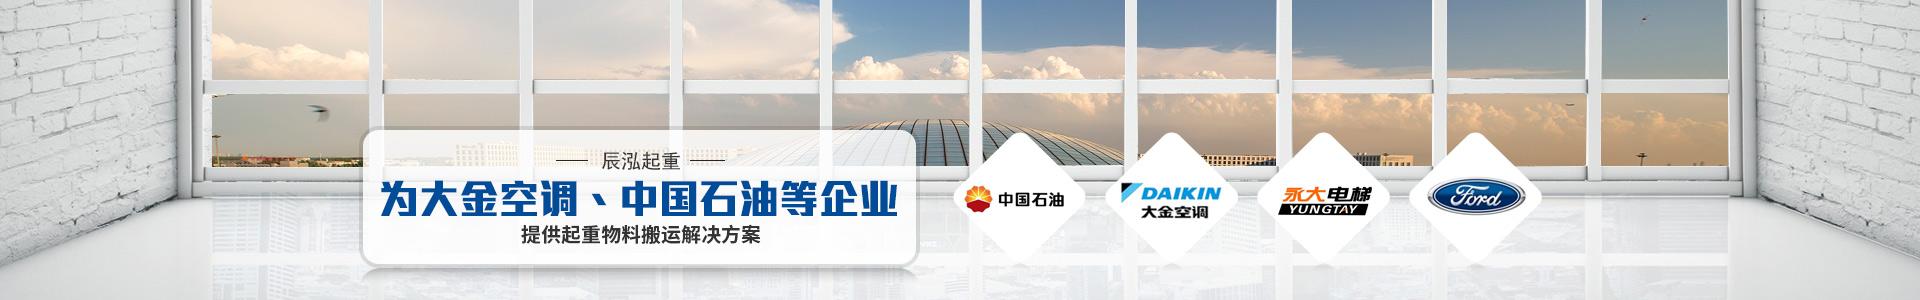 辰泓起重-為大金空調、中國石油等企業提供起重搬運解決方案